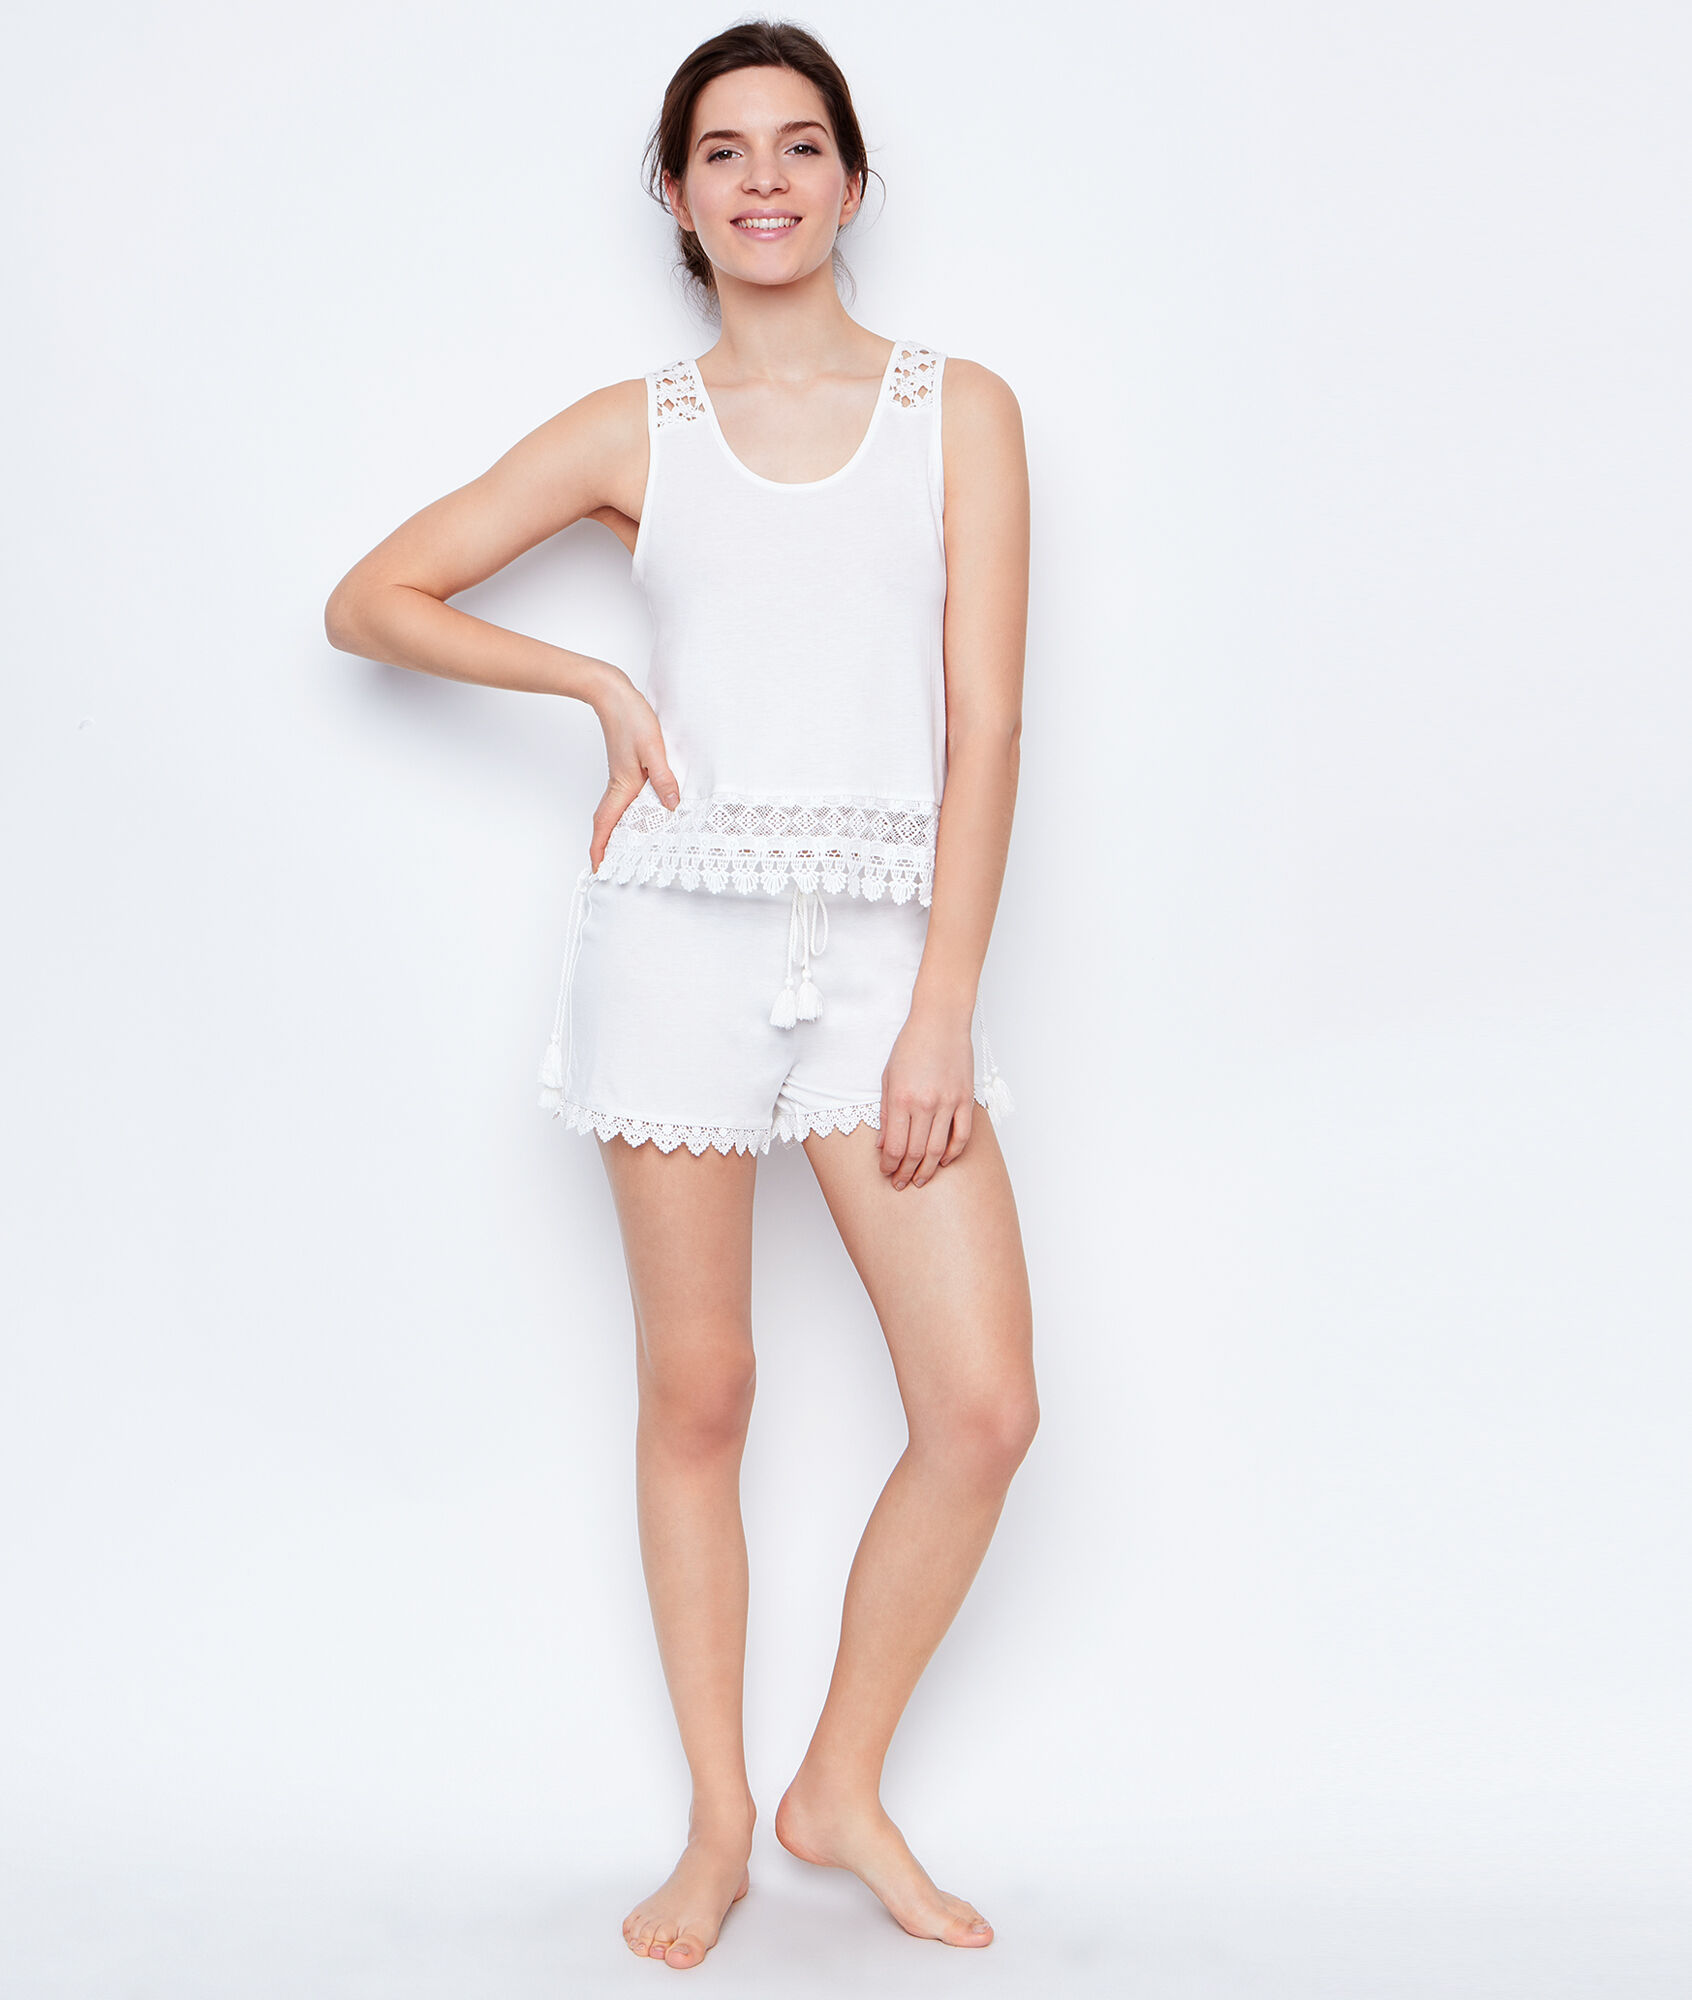 roxanne shorte